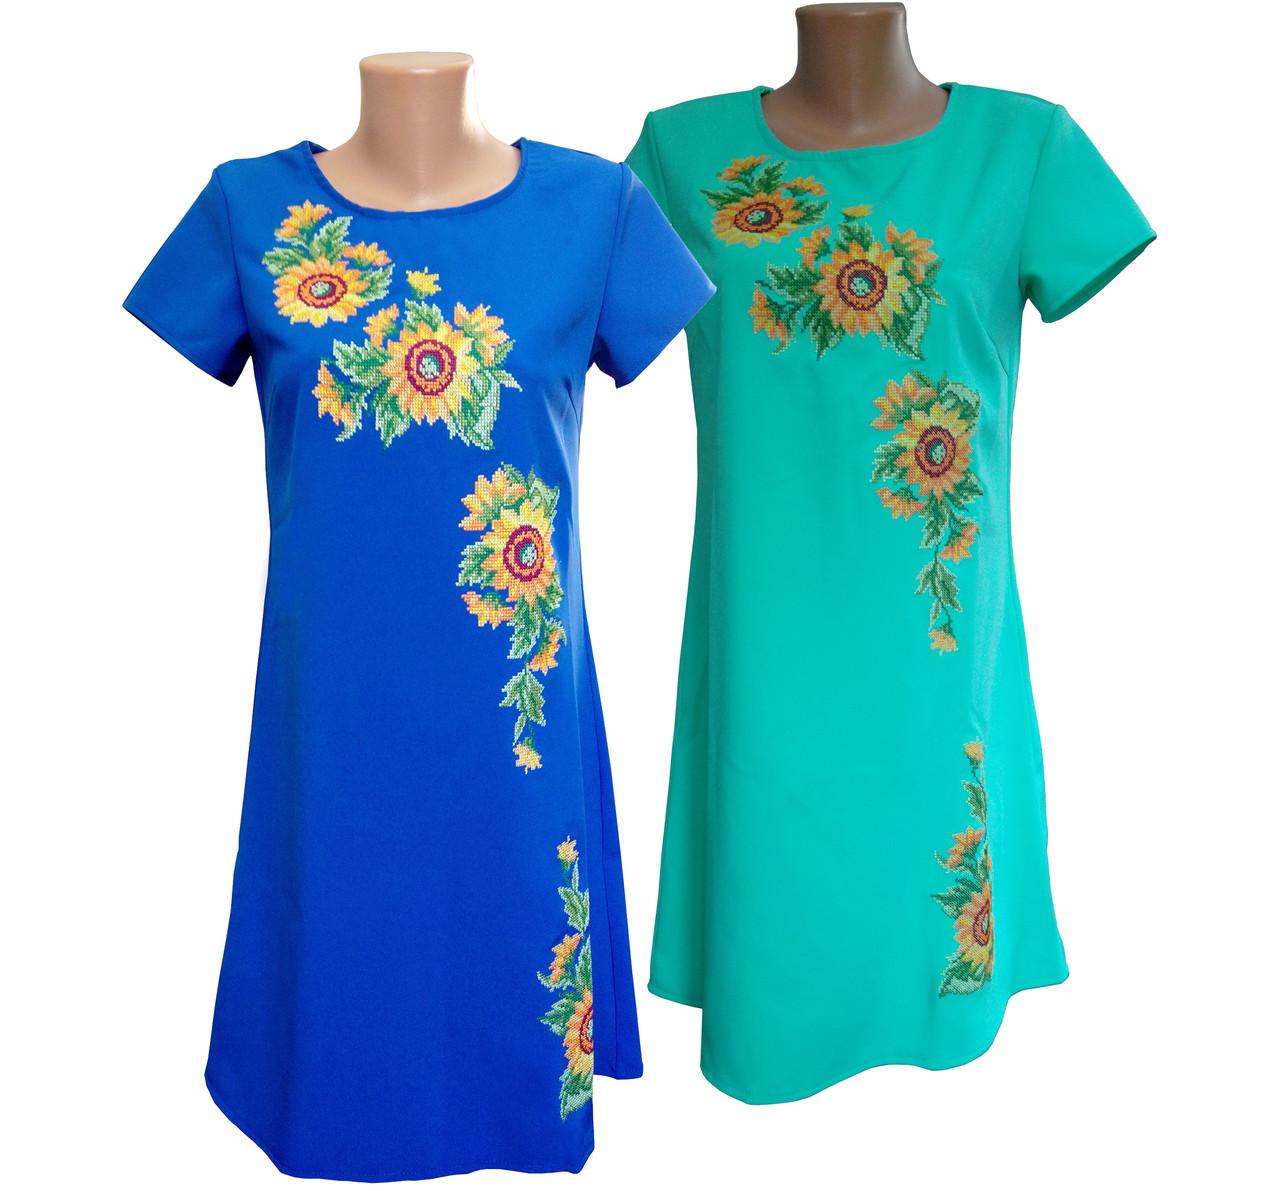 Молодіжна вишита сукня для підлітків в етно стилі «Соняшник»